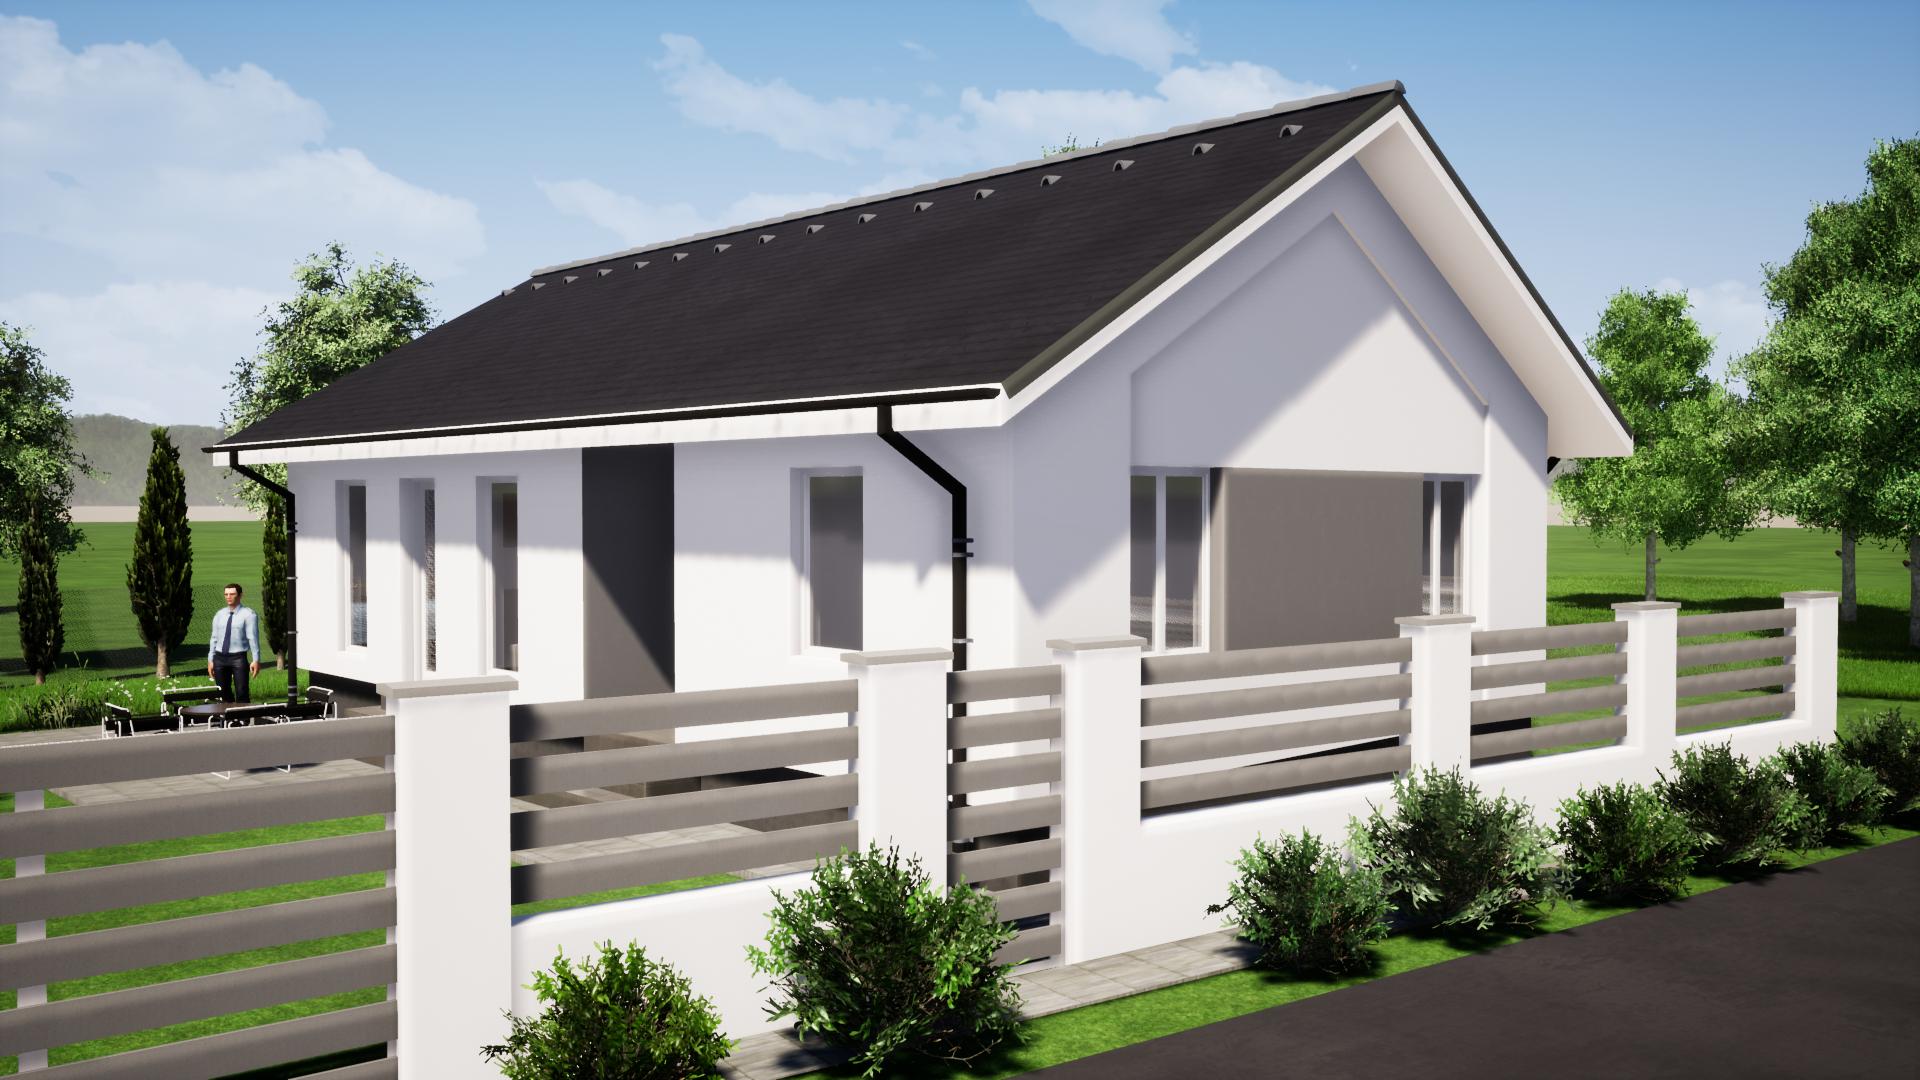 Új építésű 100.62 m² Nappali + 3 szobás lakóház megrendelhető Kecskemét Vacsihegyben!